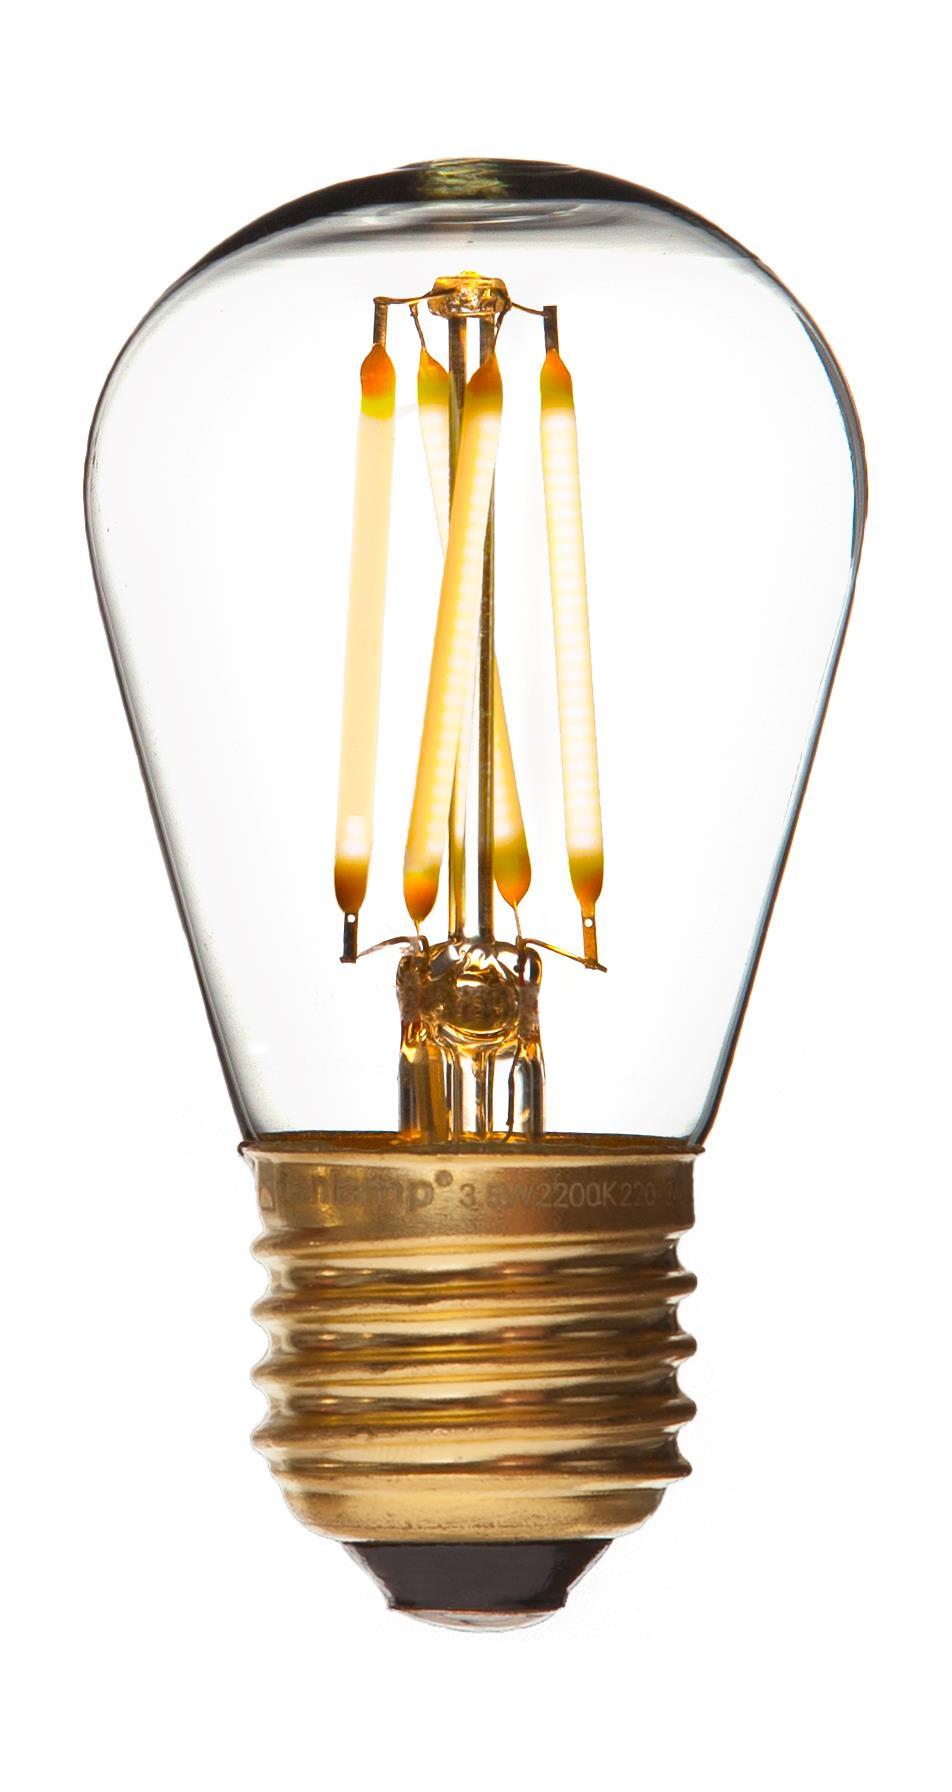 danlamp – E27 - 2,5w led mini edison fra luxlight.dk